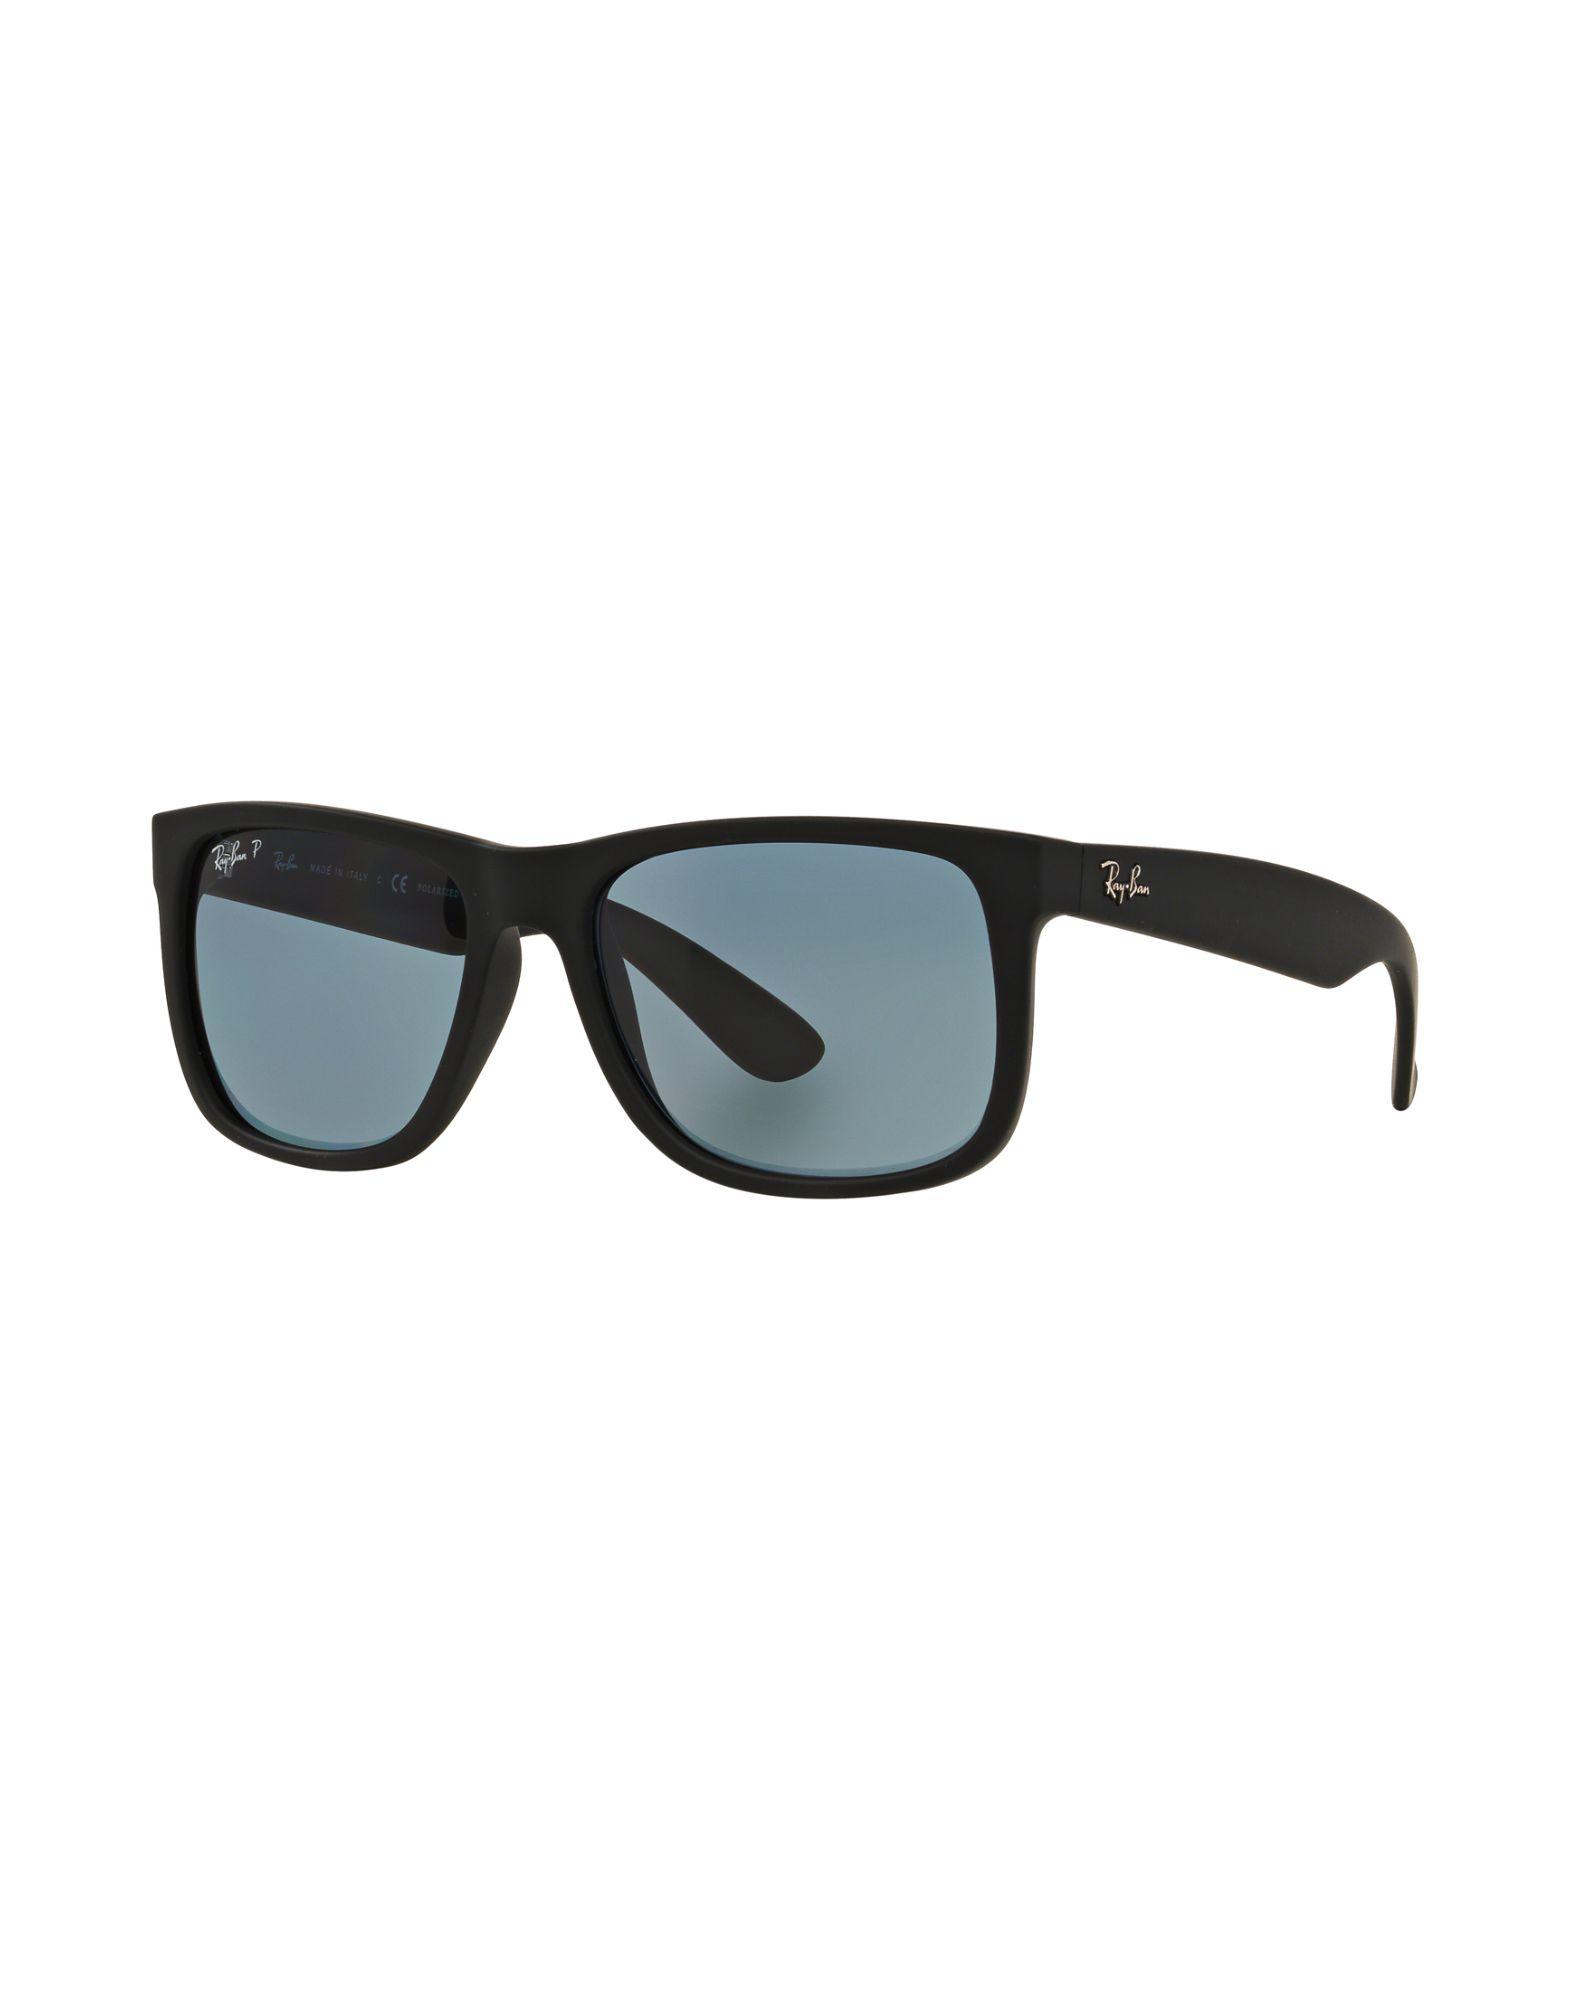 Occhiali Da Sole Ray-Ban Rb4165 Justin - Uomo - Acquista online su